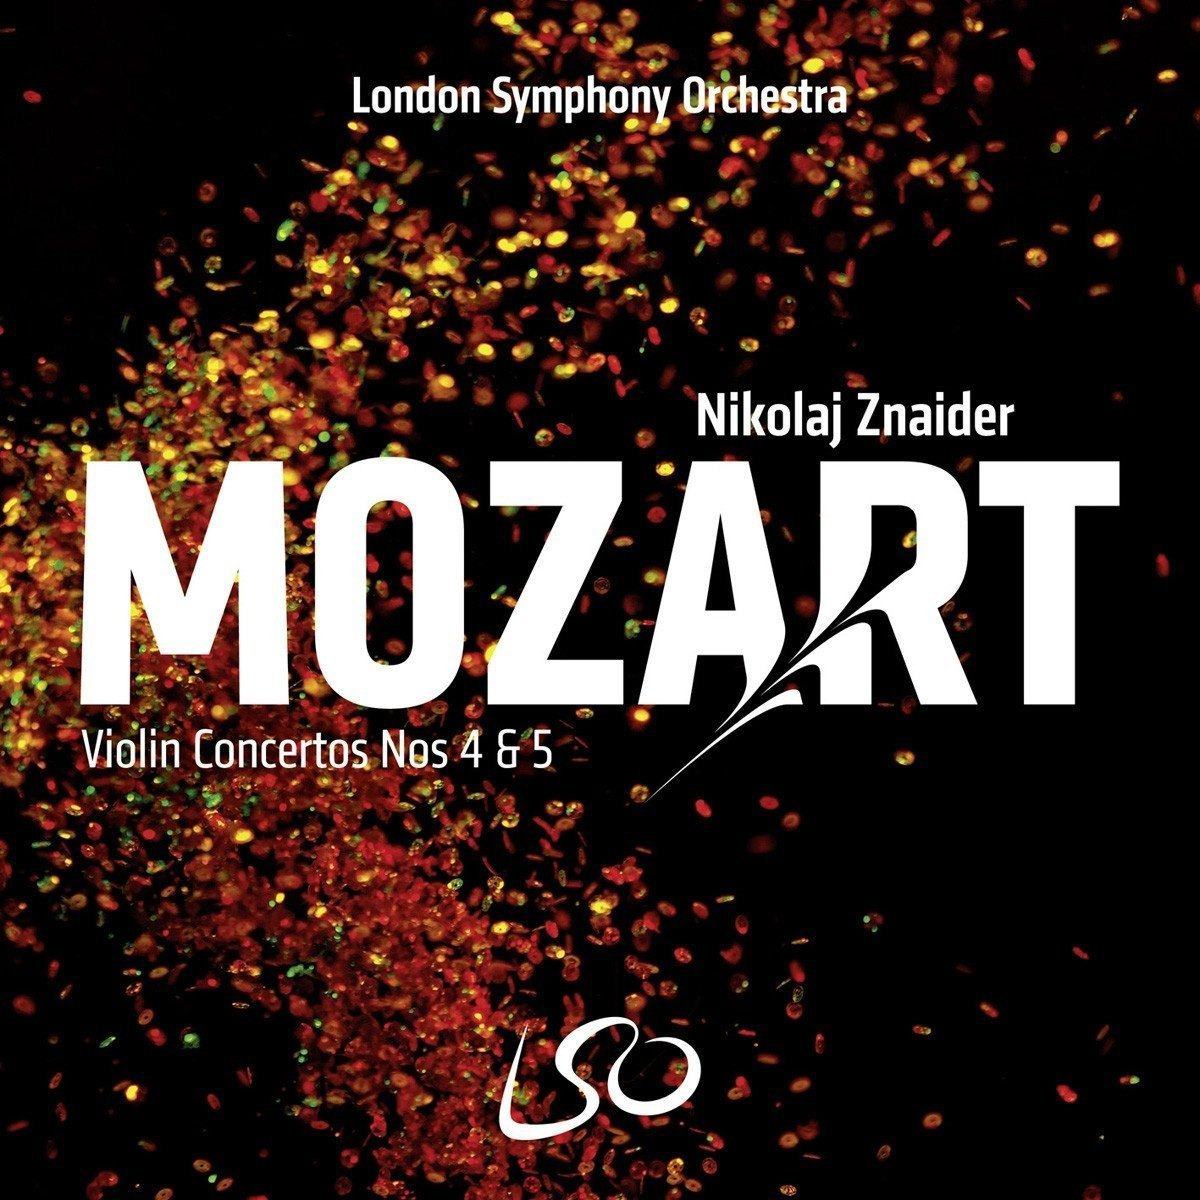 Mozart: Violin Concertos: Nikolaj Znaider with the